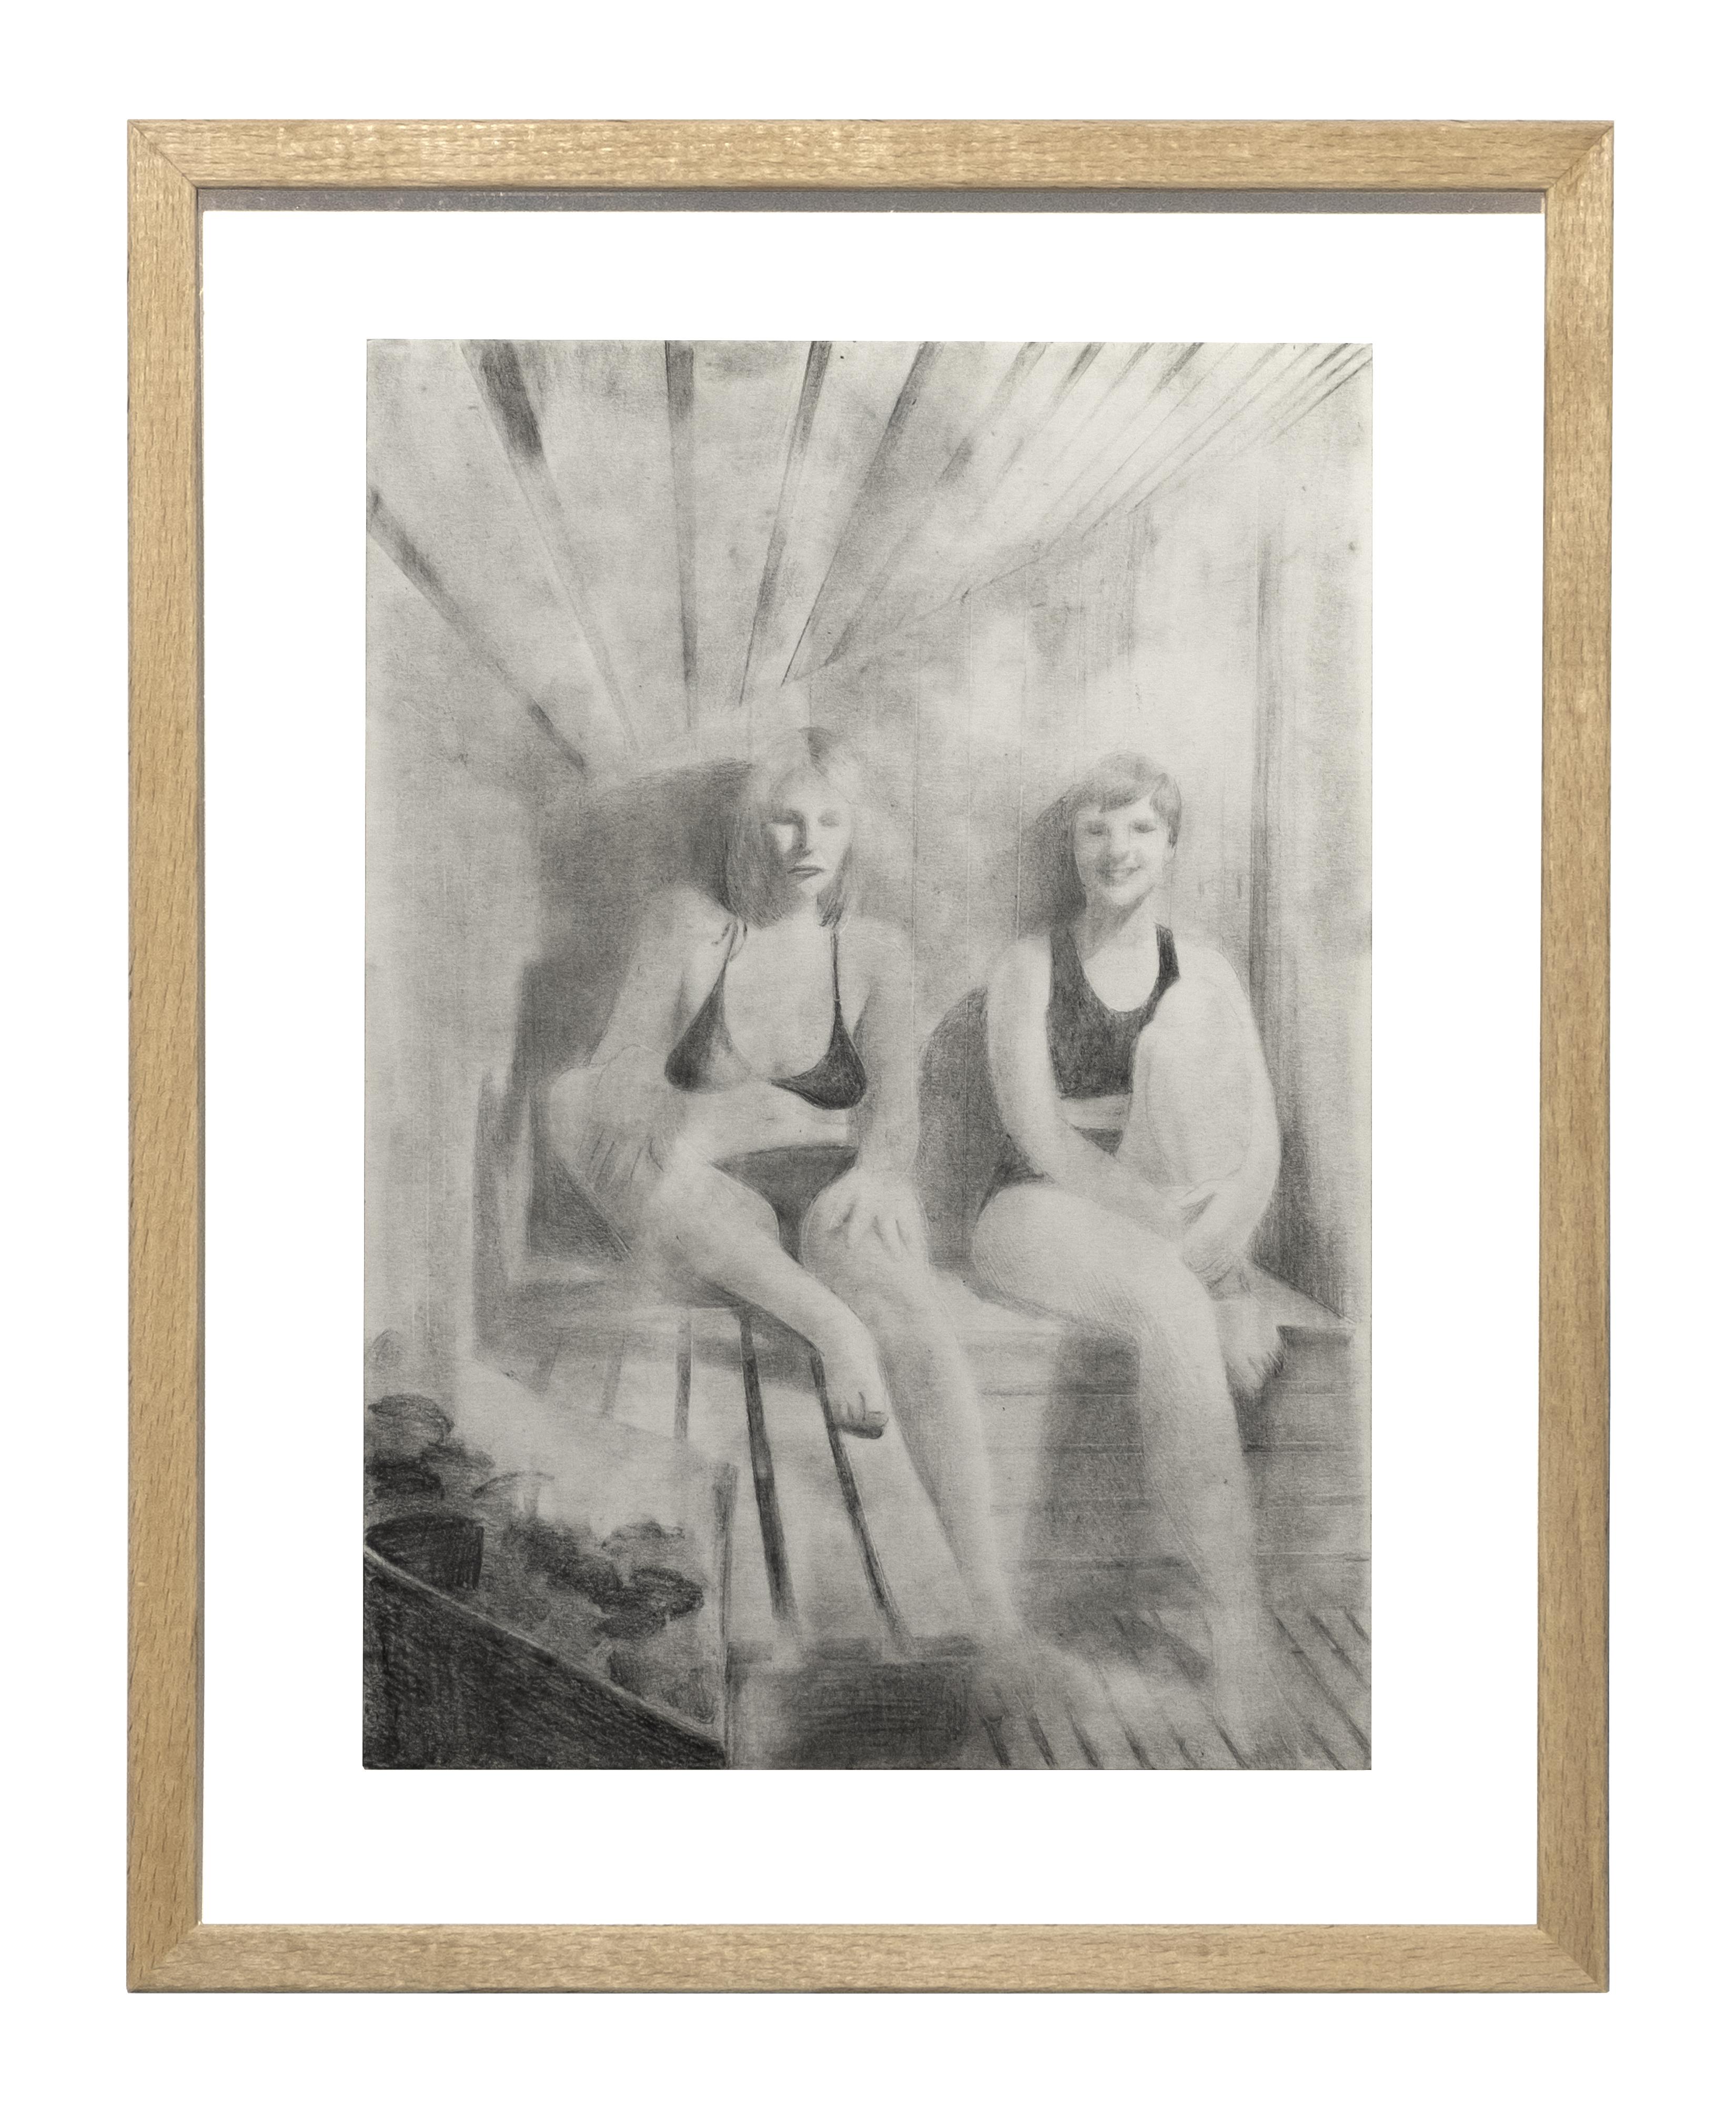 Birte & Anna (Socks & Buskin)